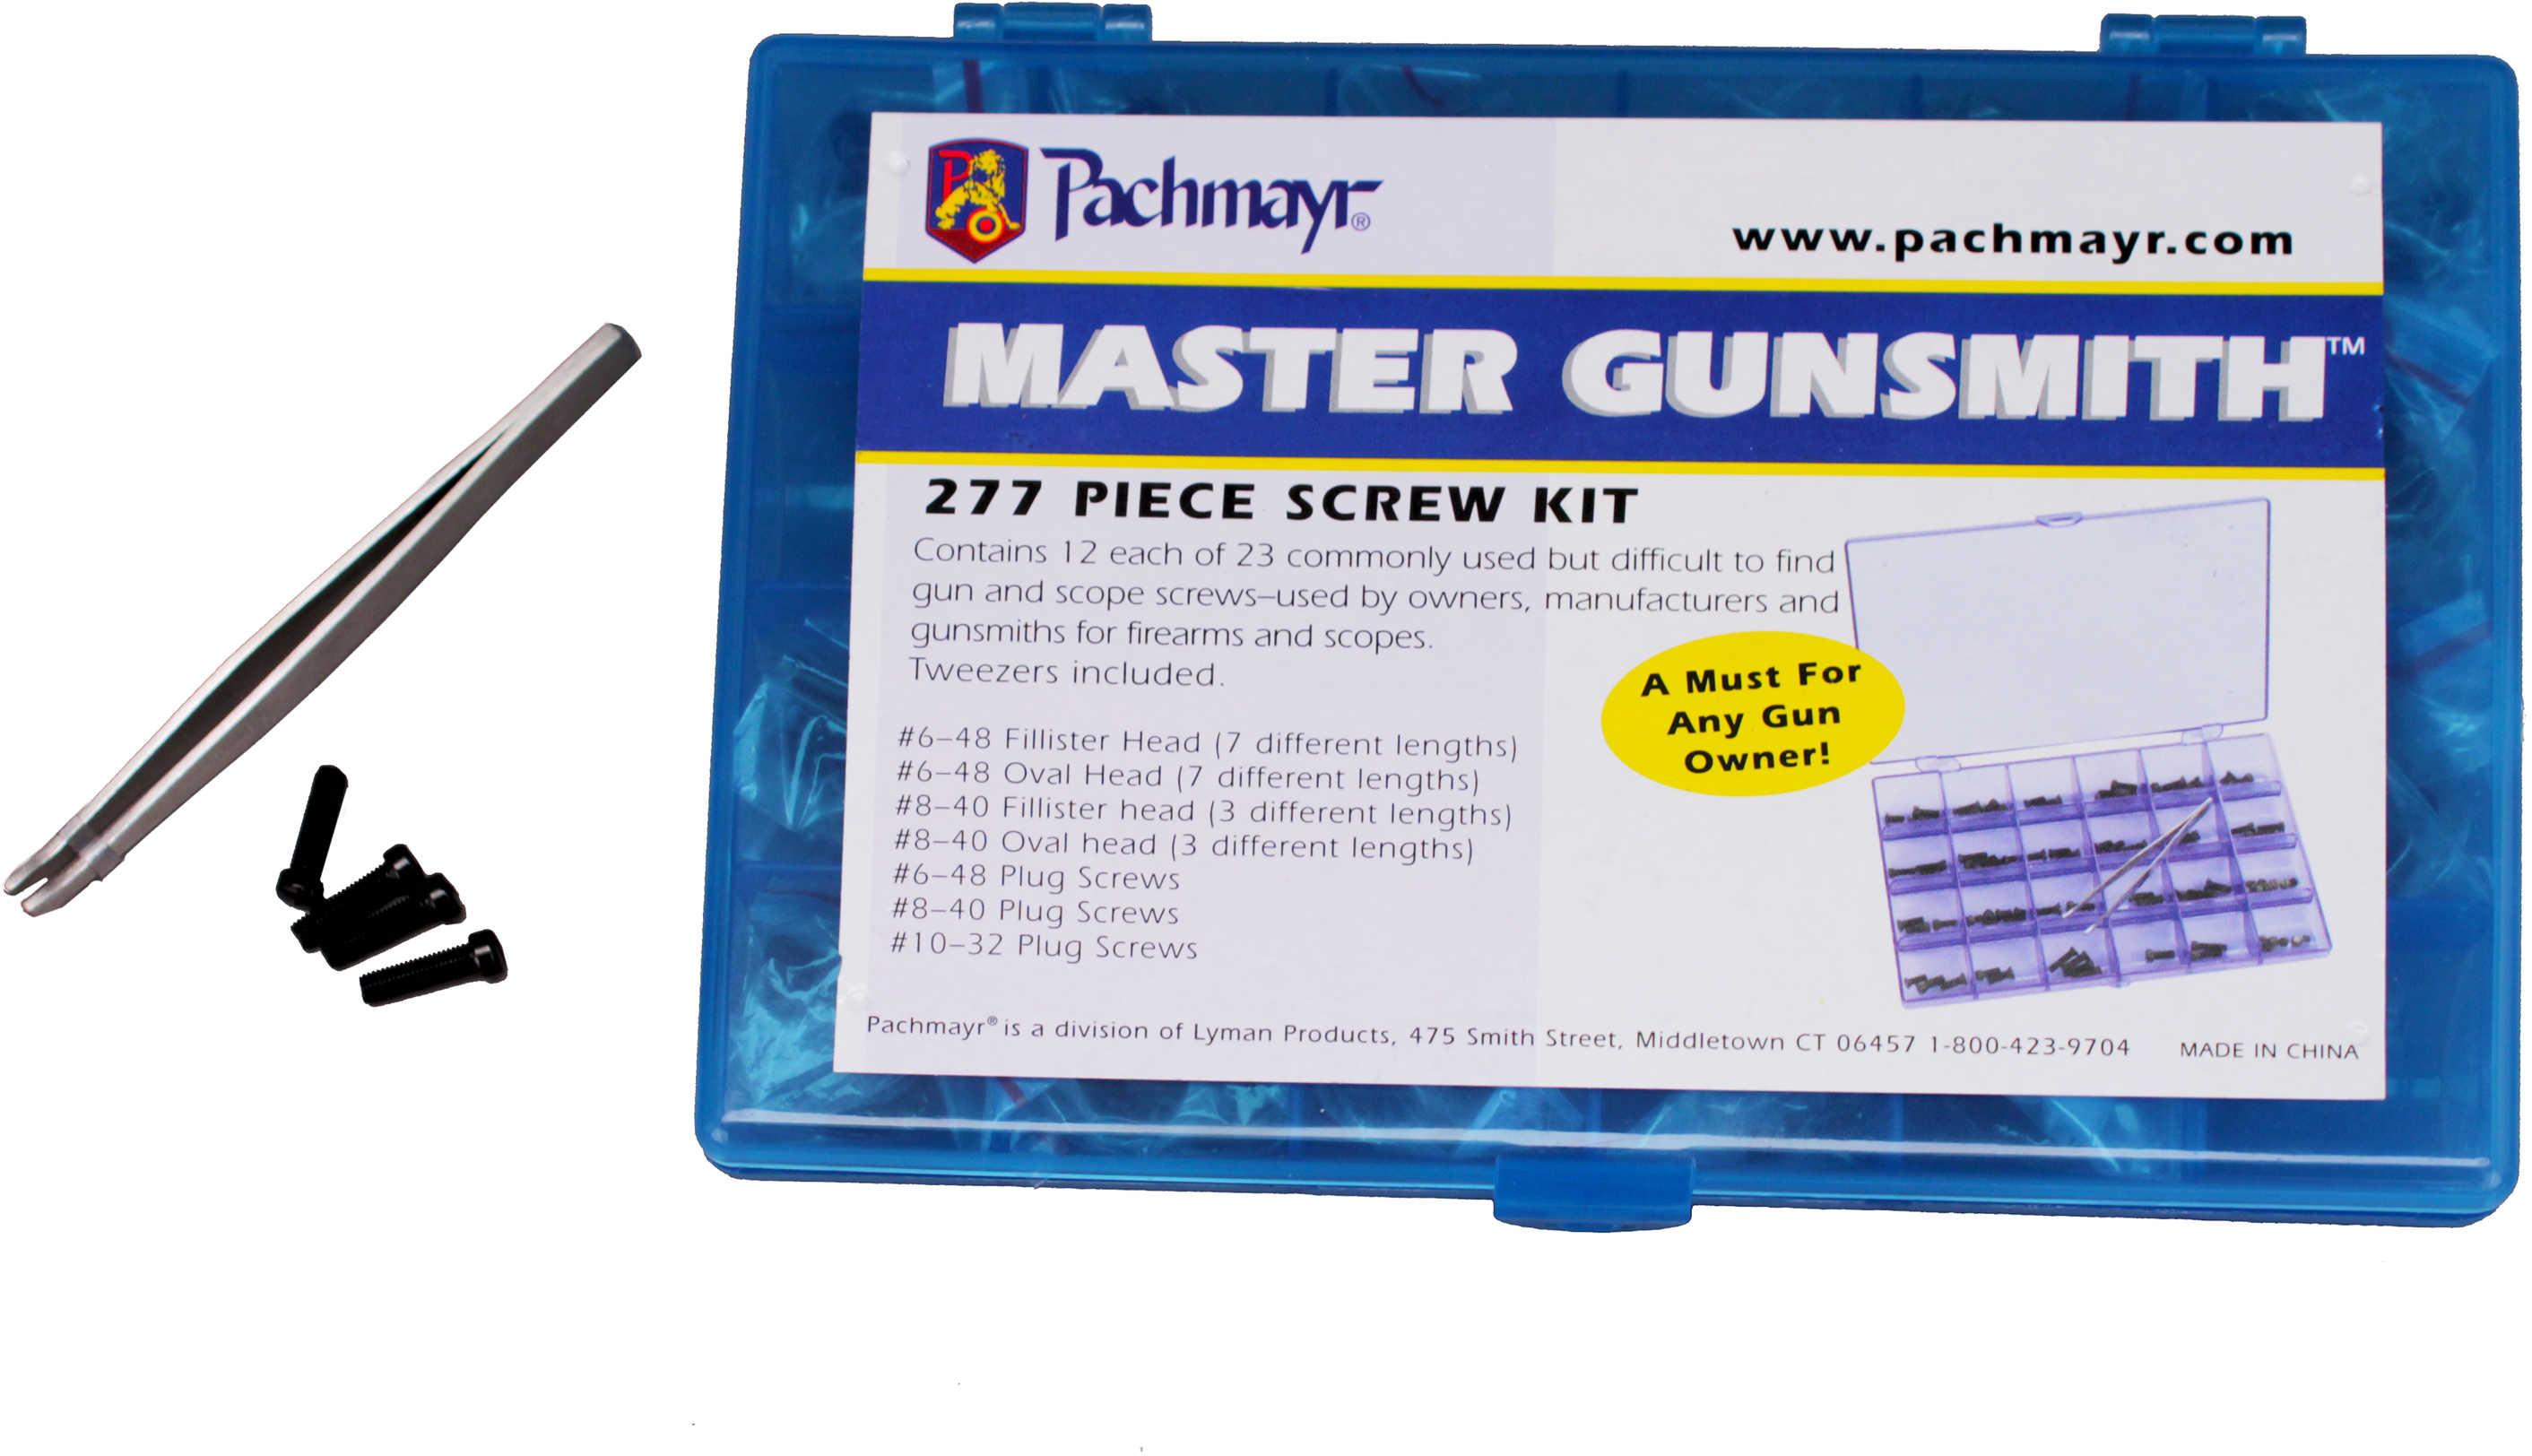 Pachmayr 277 Piece Screw Kit Md: 03054